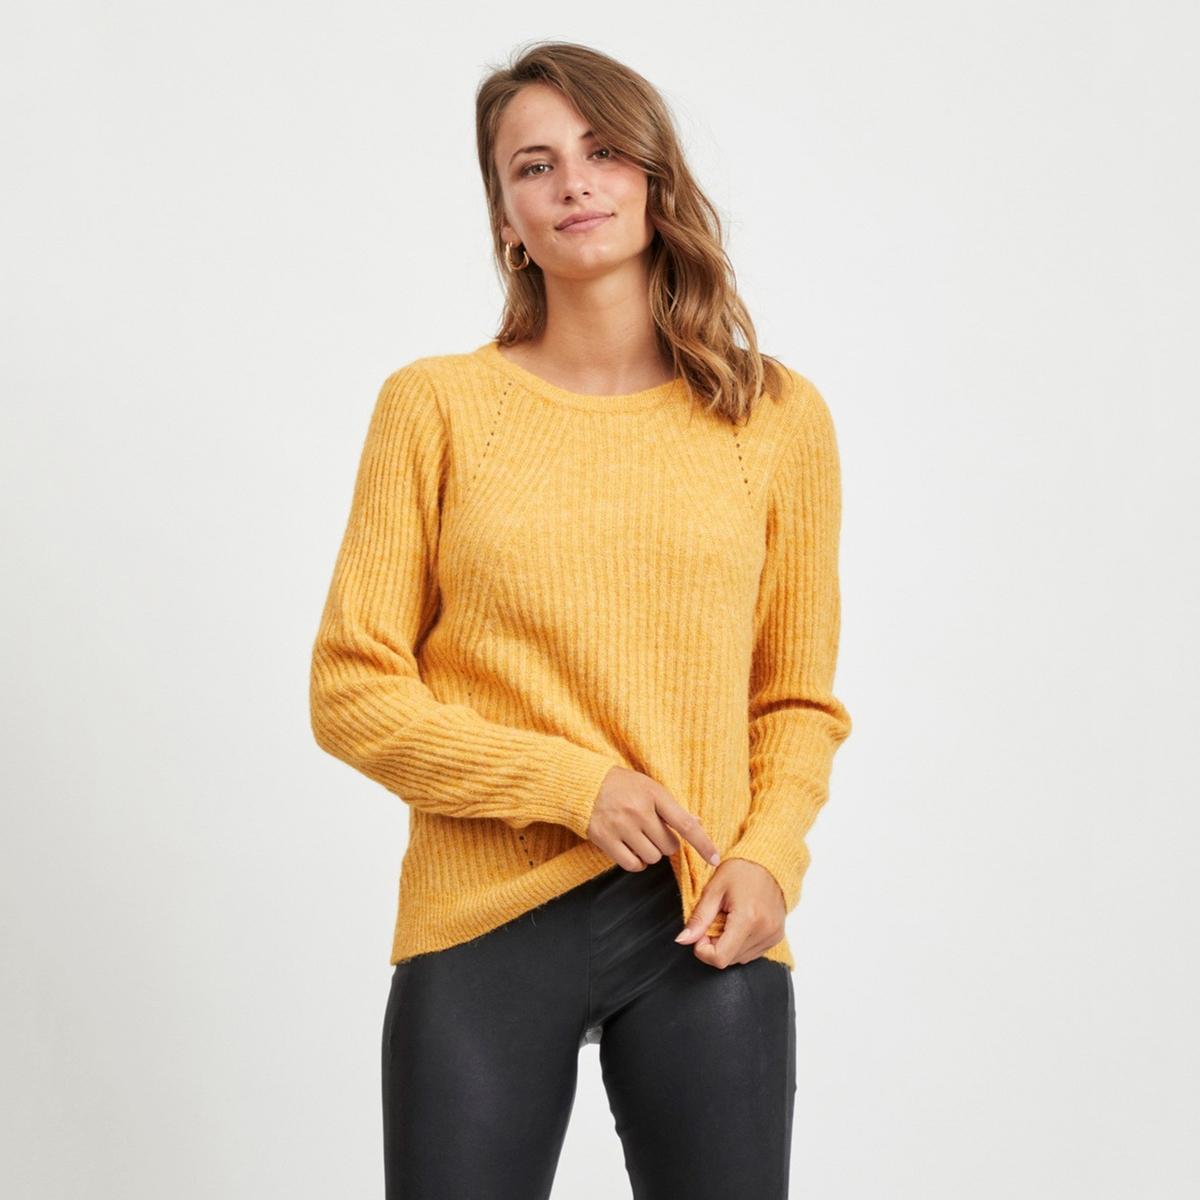 Пуловер La Redoute С круглым вырезом и длинными рукавами M желтый пуловер la redoute с круглым вырезом и длинными рукавами m каштановый